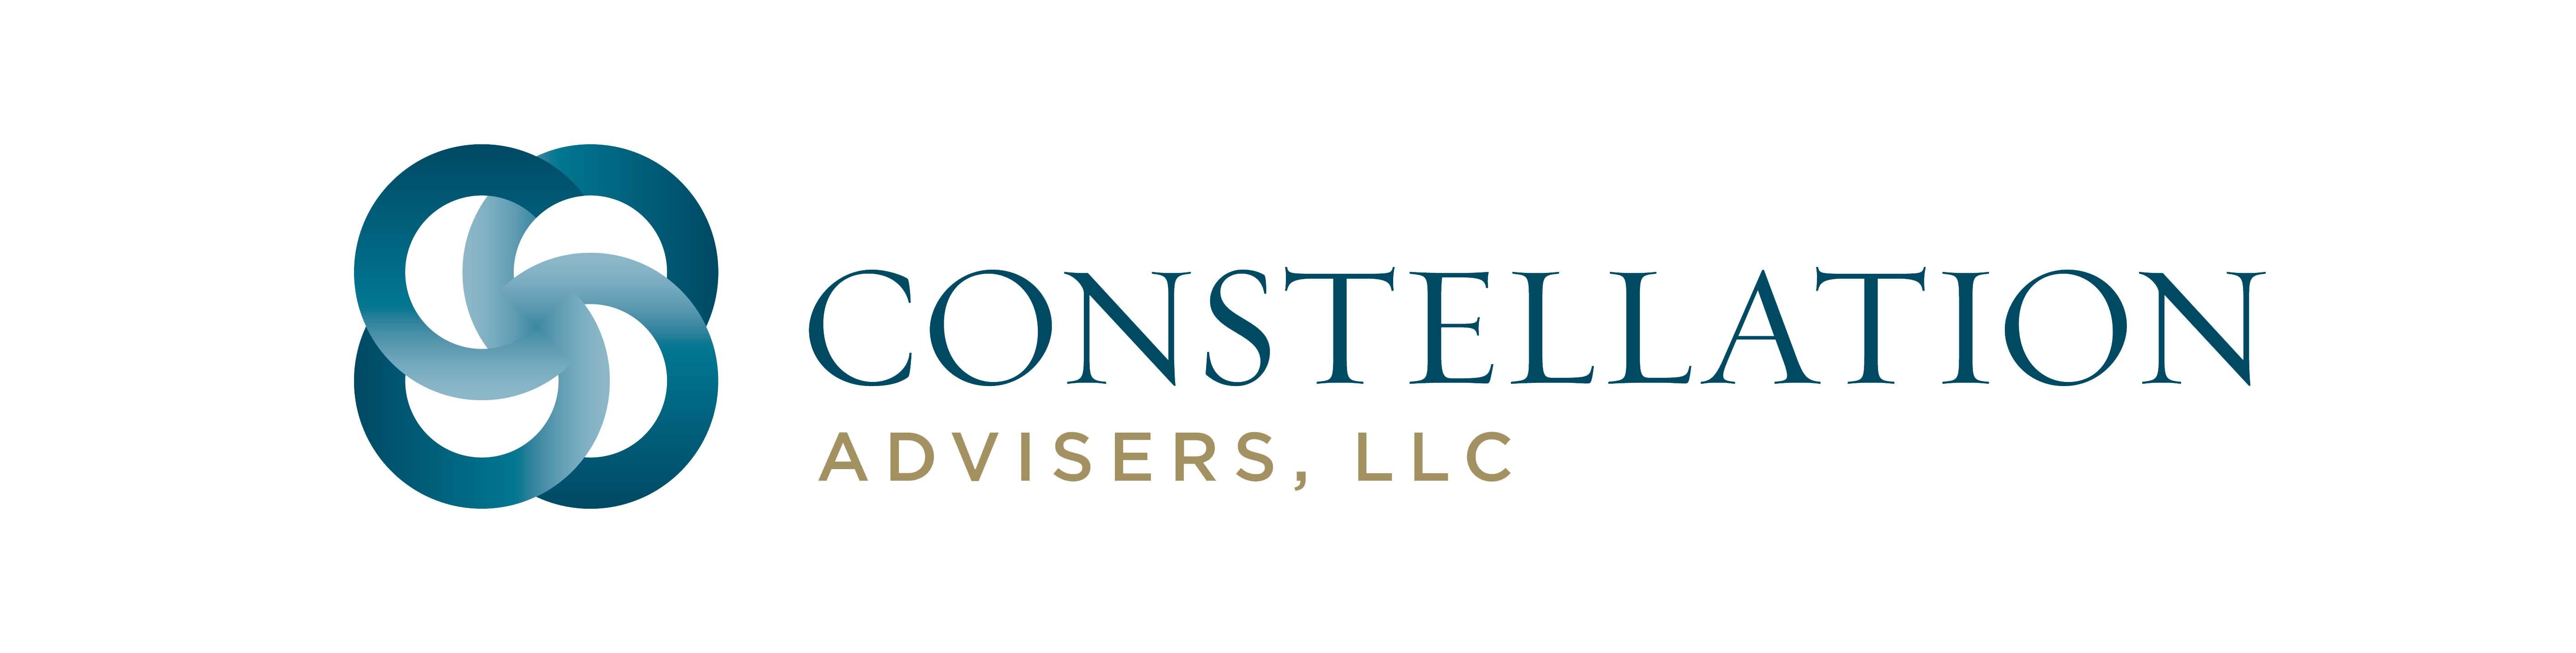 IQ-EQ Acquires Constellation Advisers LLC